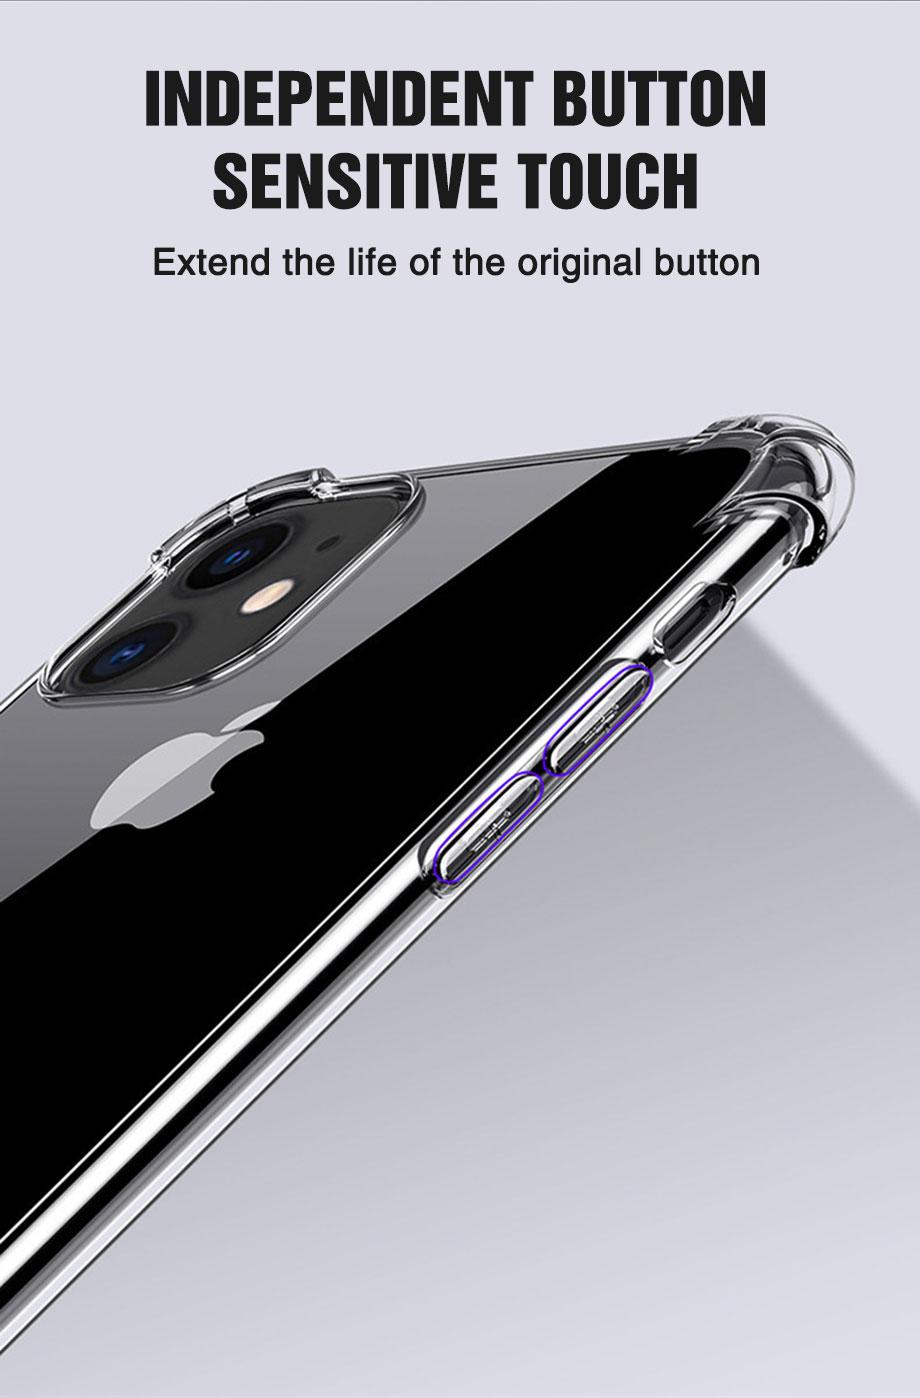 iPhone 12 Pro Max transparent case